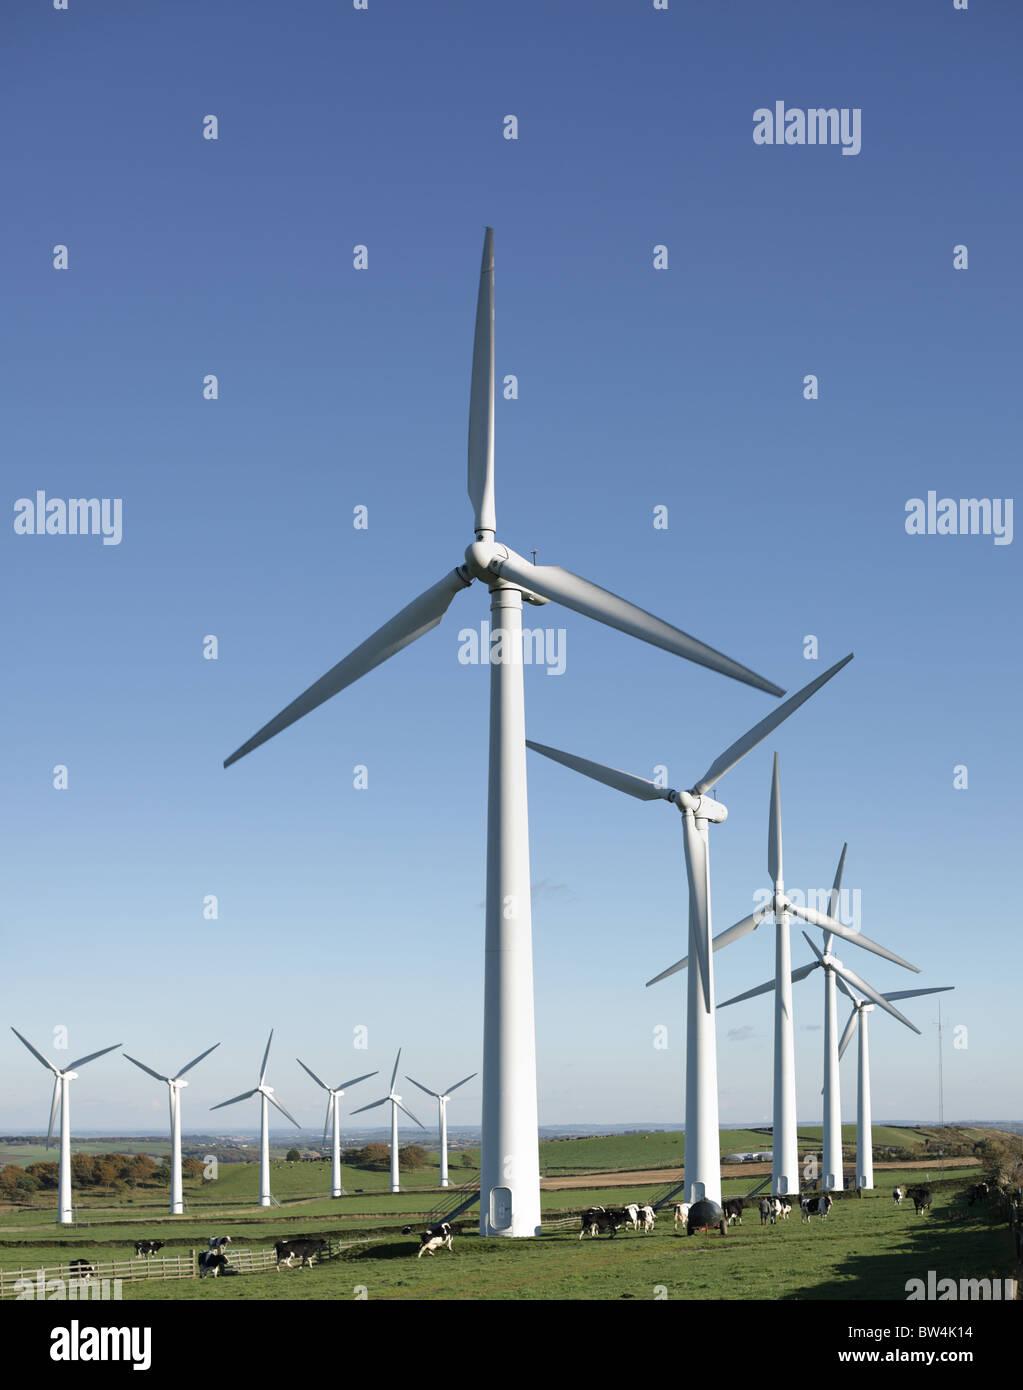 Turbinas de viento en un parque eólico Imagen De Stock